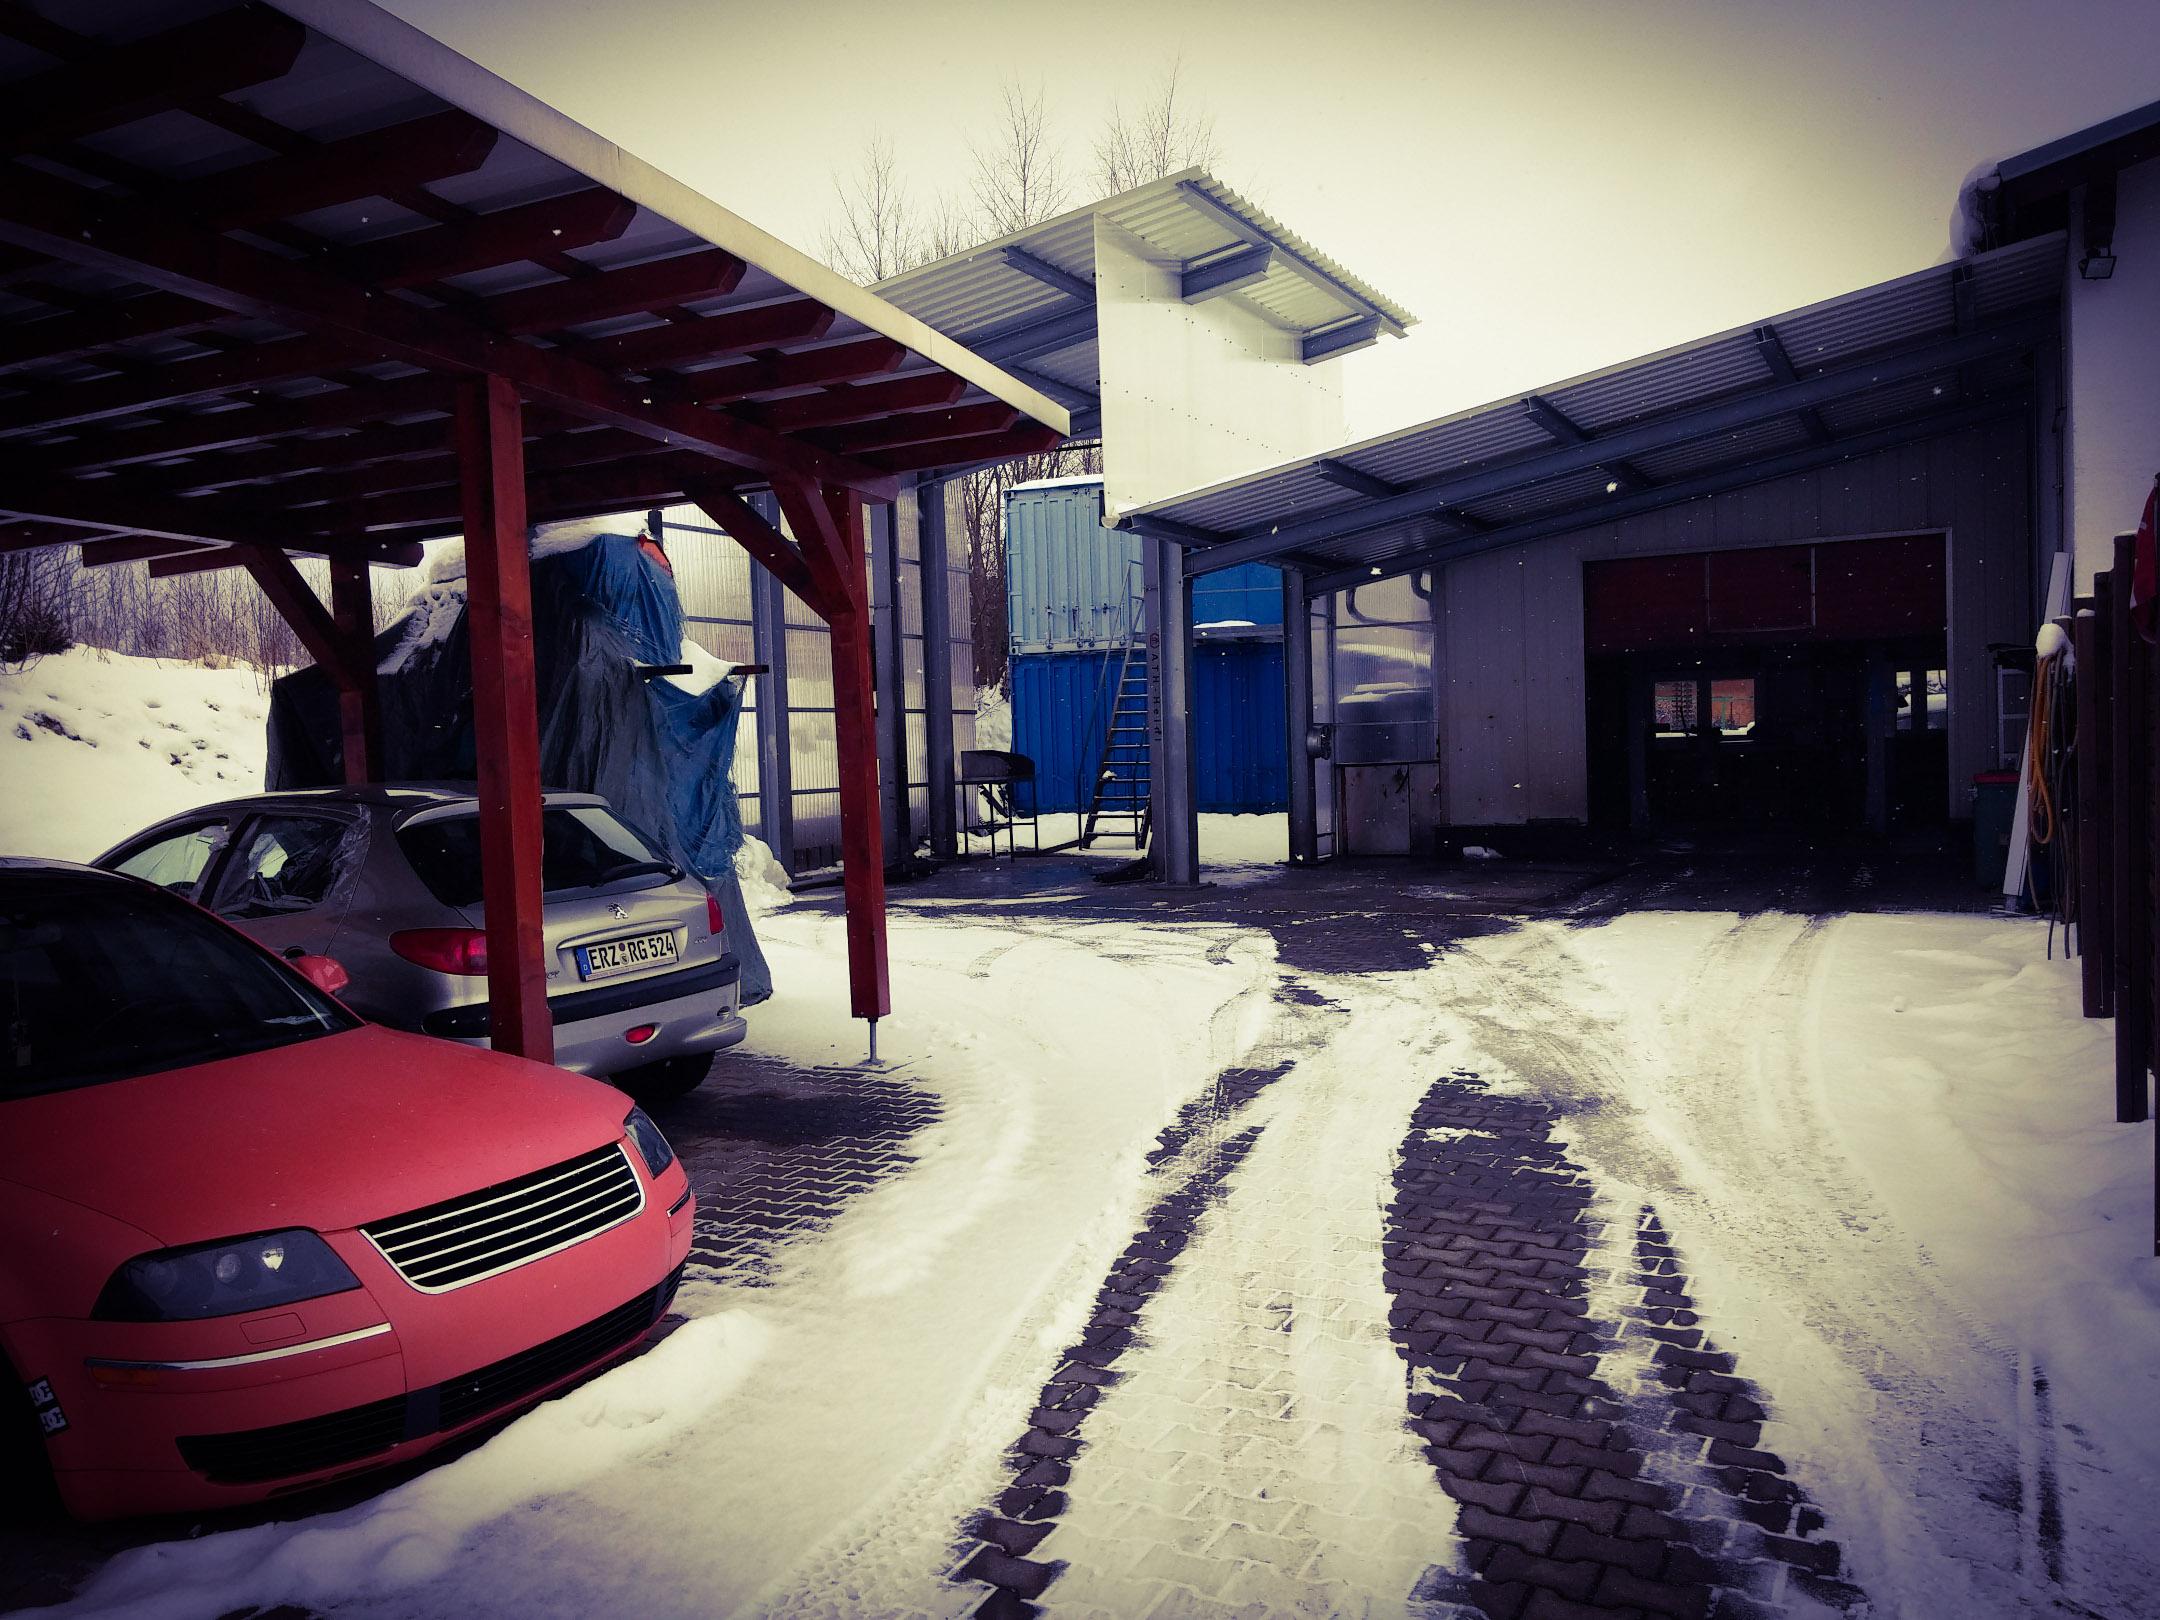 Außenbereich/Waschplatztz